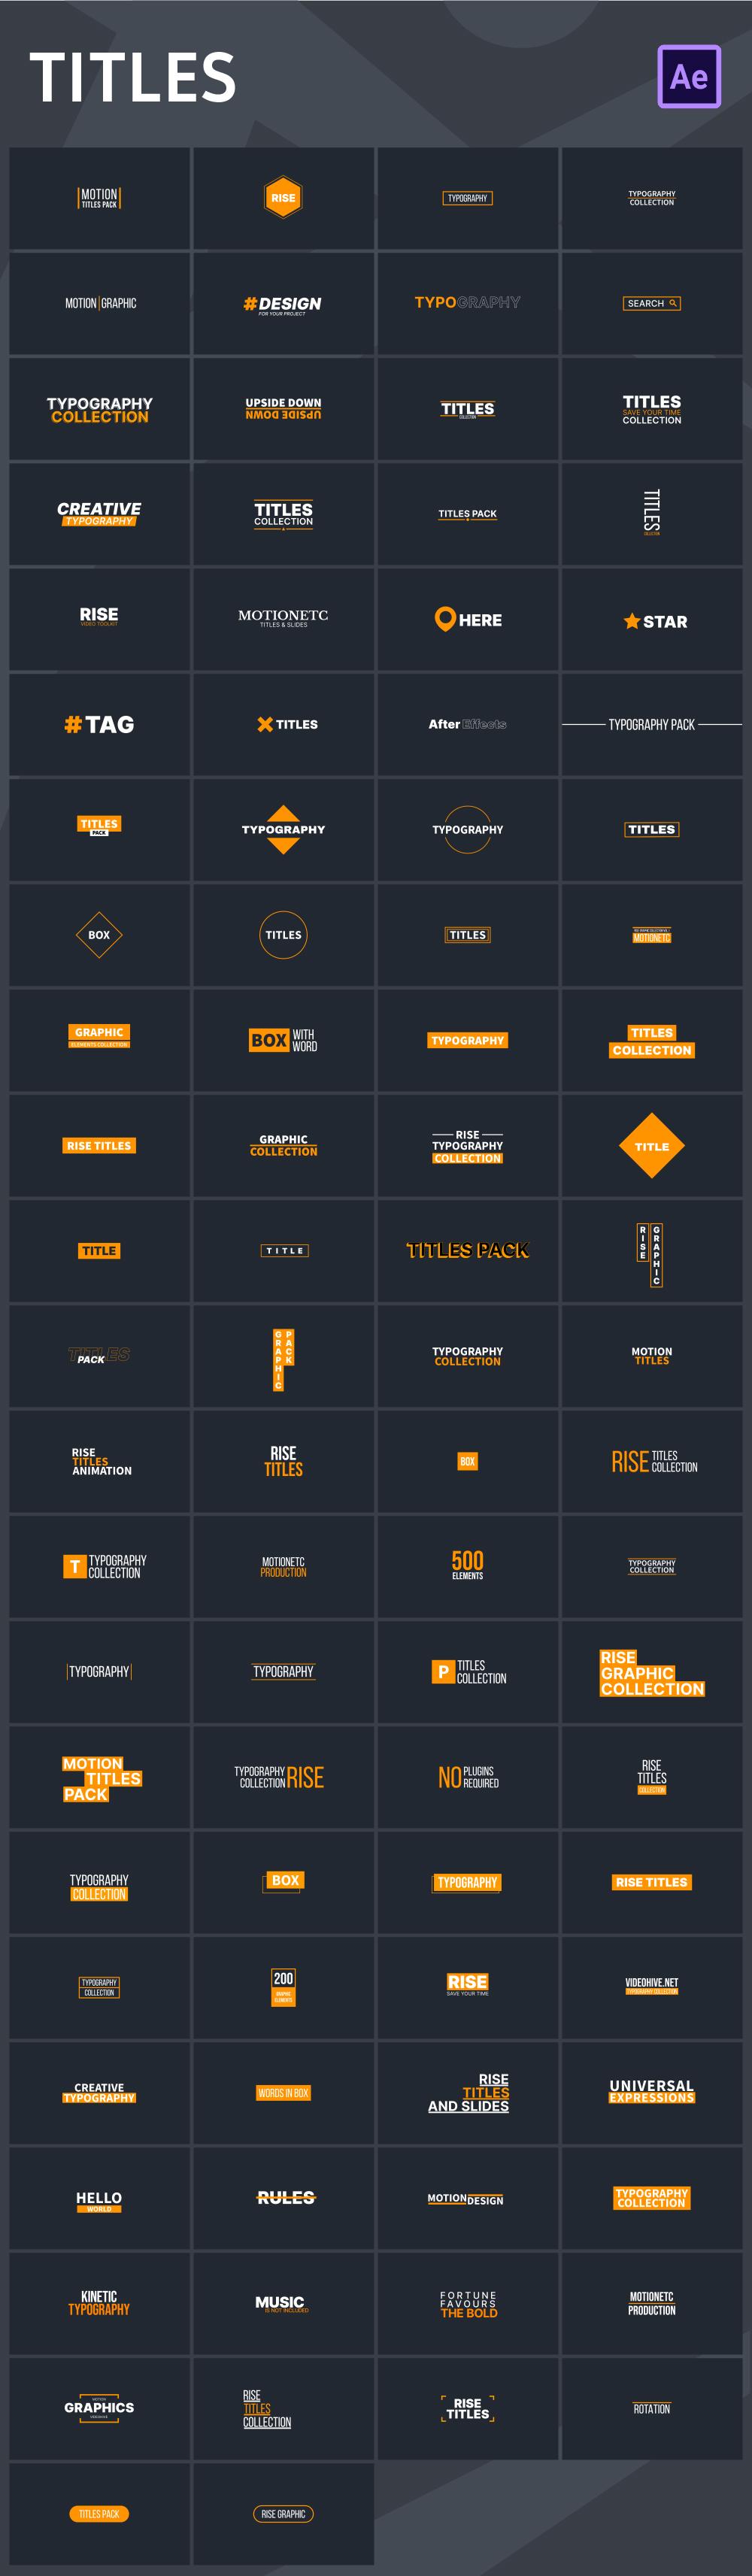 中文汉化AE脚本-465个创意社交媒体字幕条标题图形排版设计背景过渡动画元素扩展工具包 for Win/Mac破解版插图8